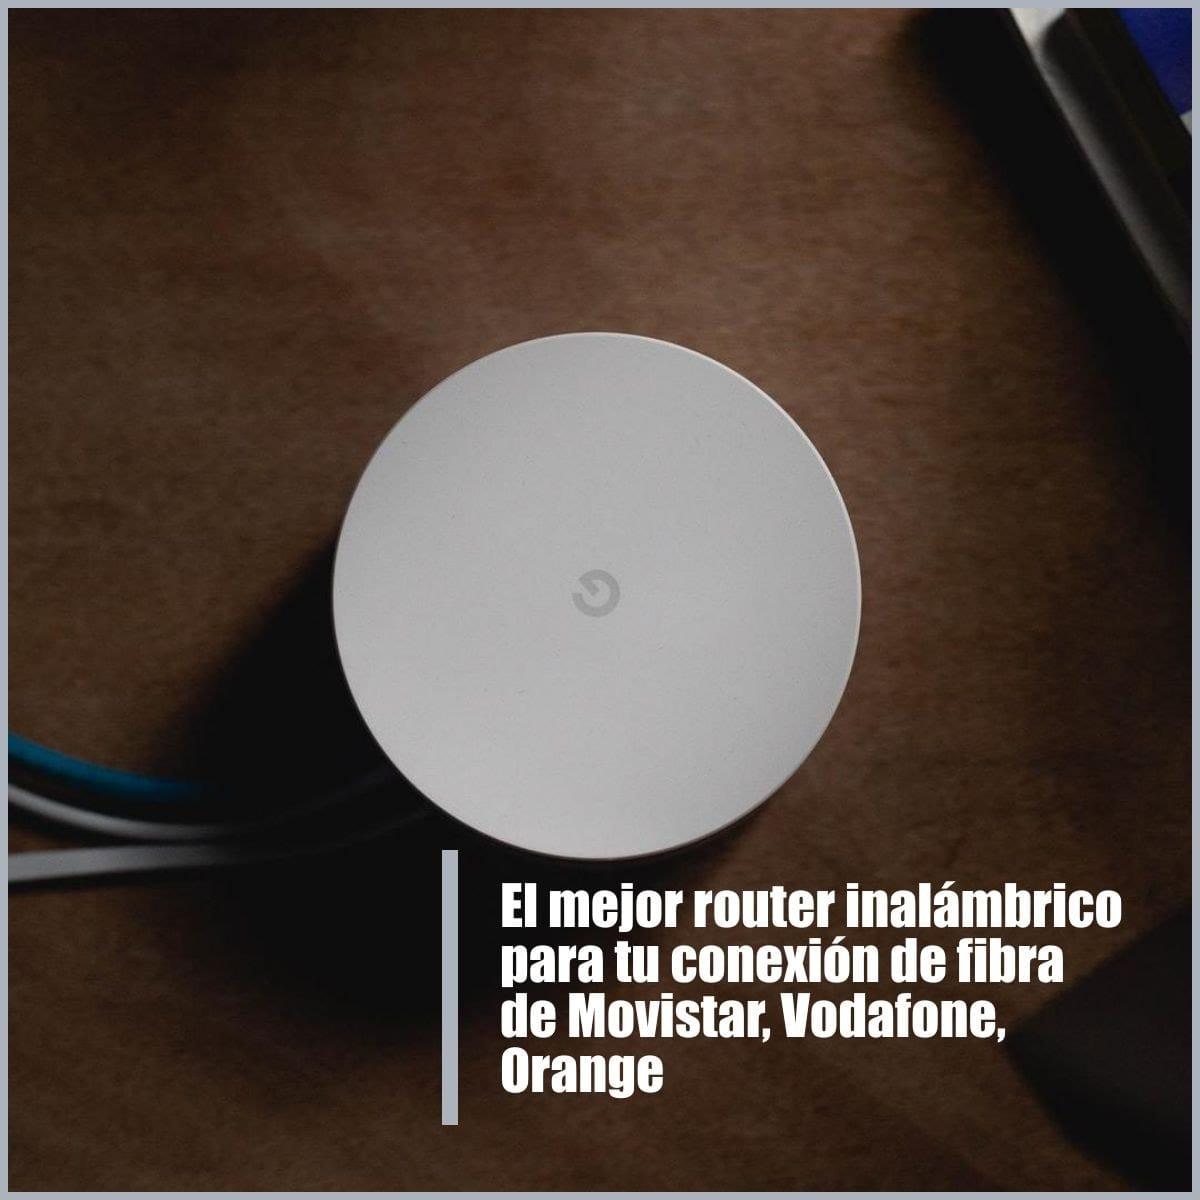 El mejor router inalámbrico para tu conexión de fibra de Movistar, Vodafone, Orange